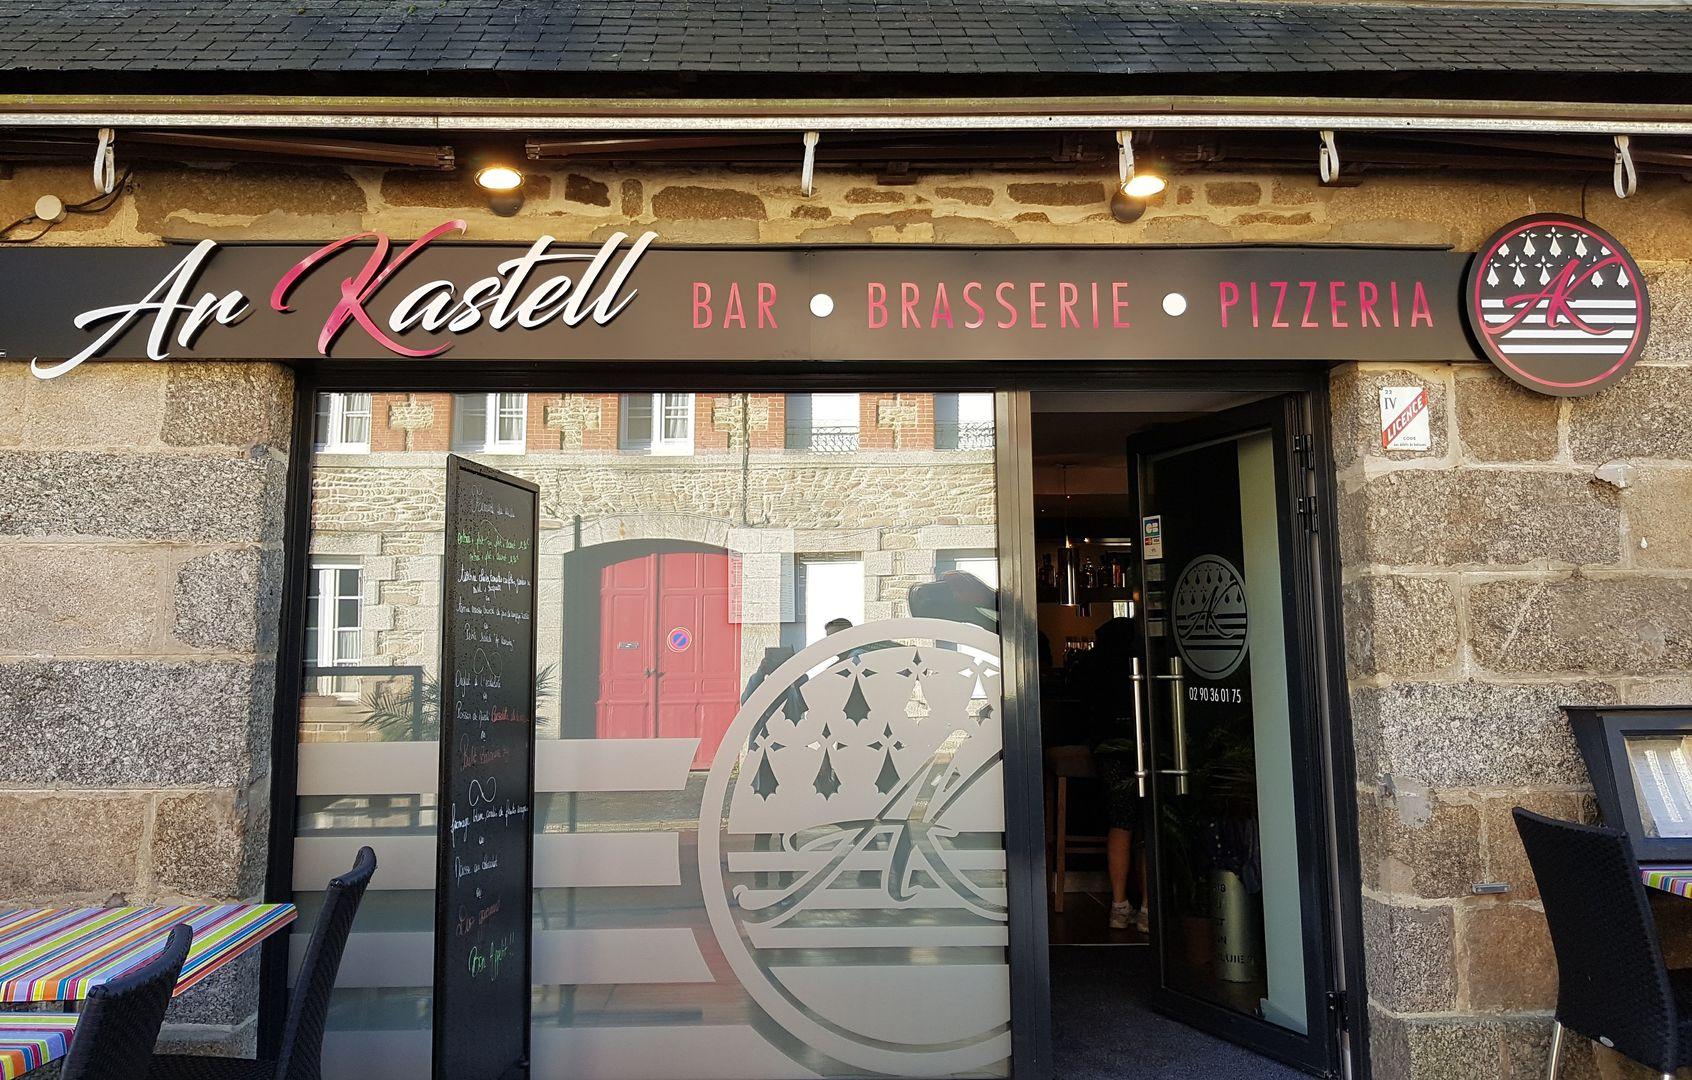 restaurant_Ar_Kastell_Quintin_facade